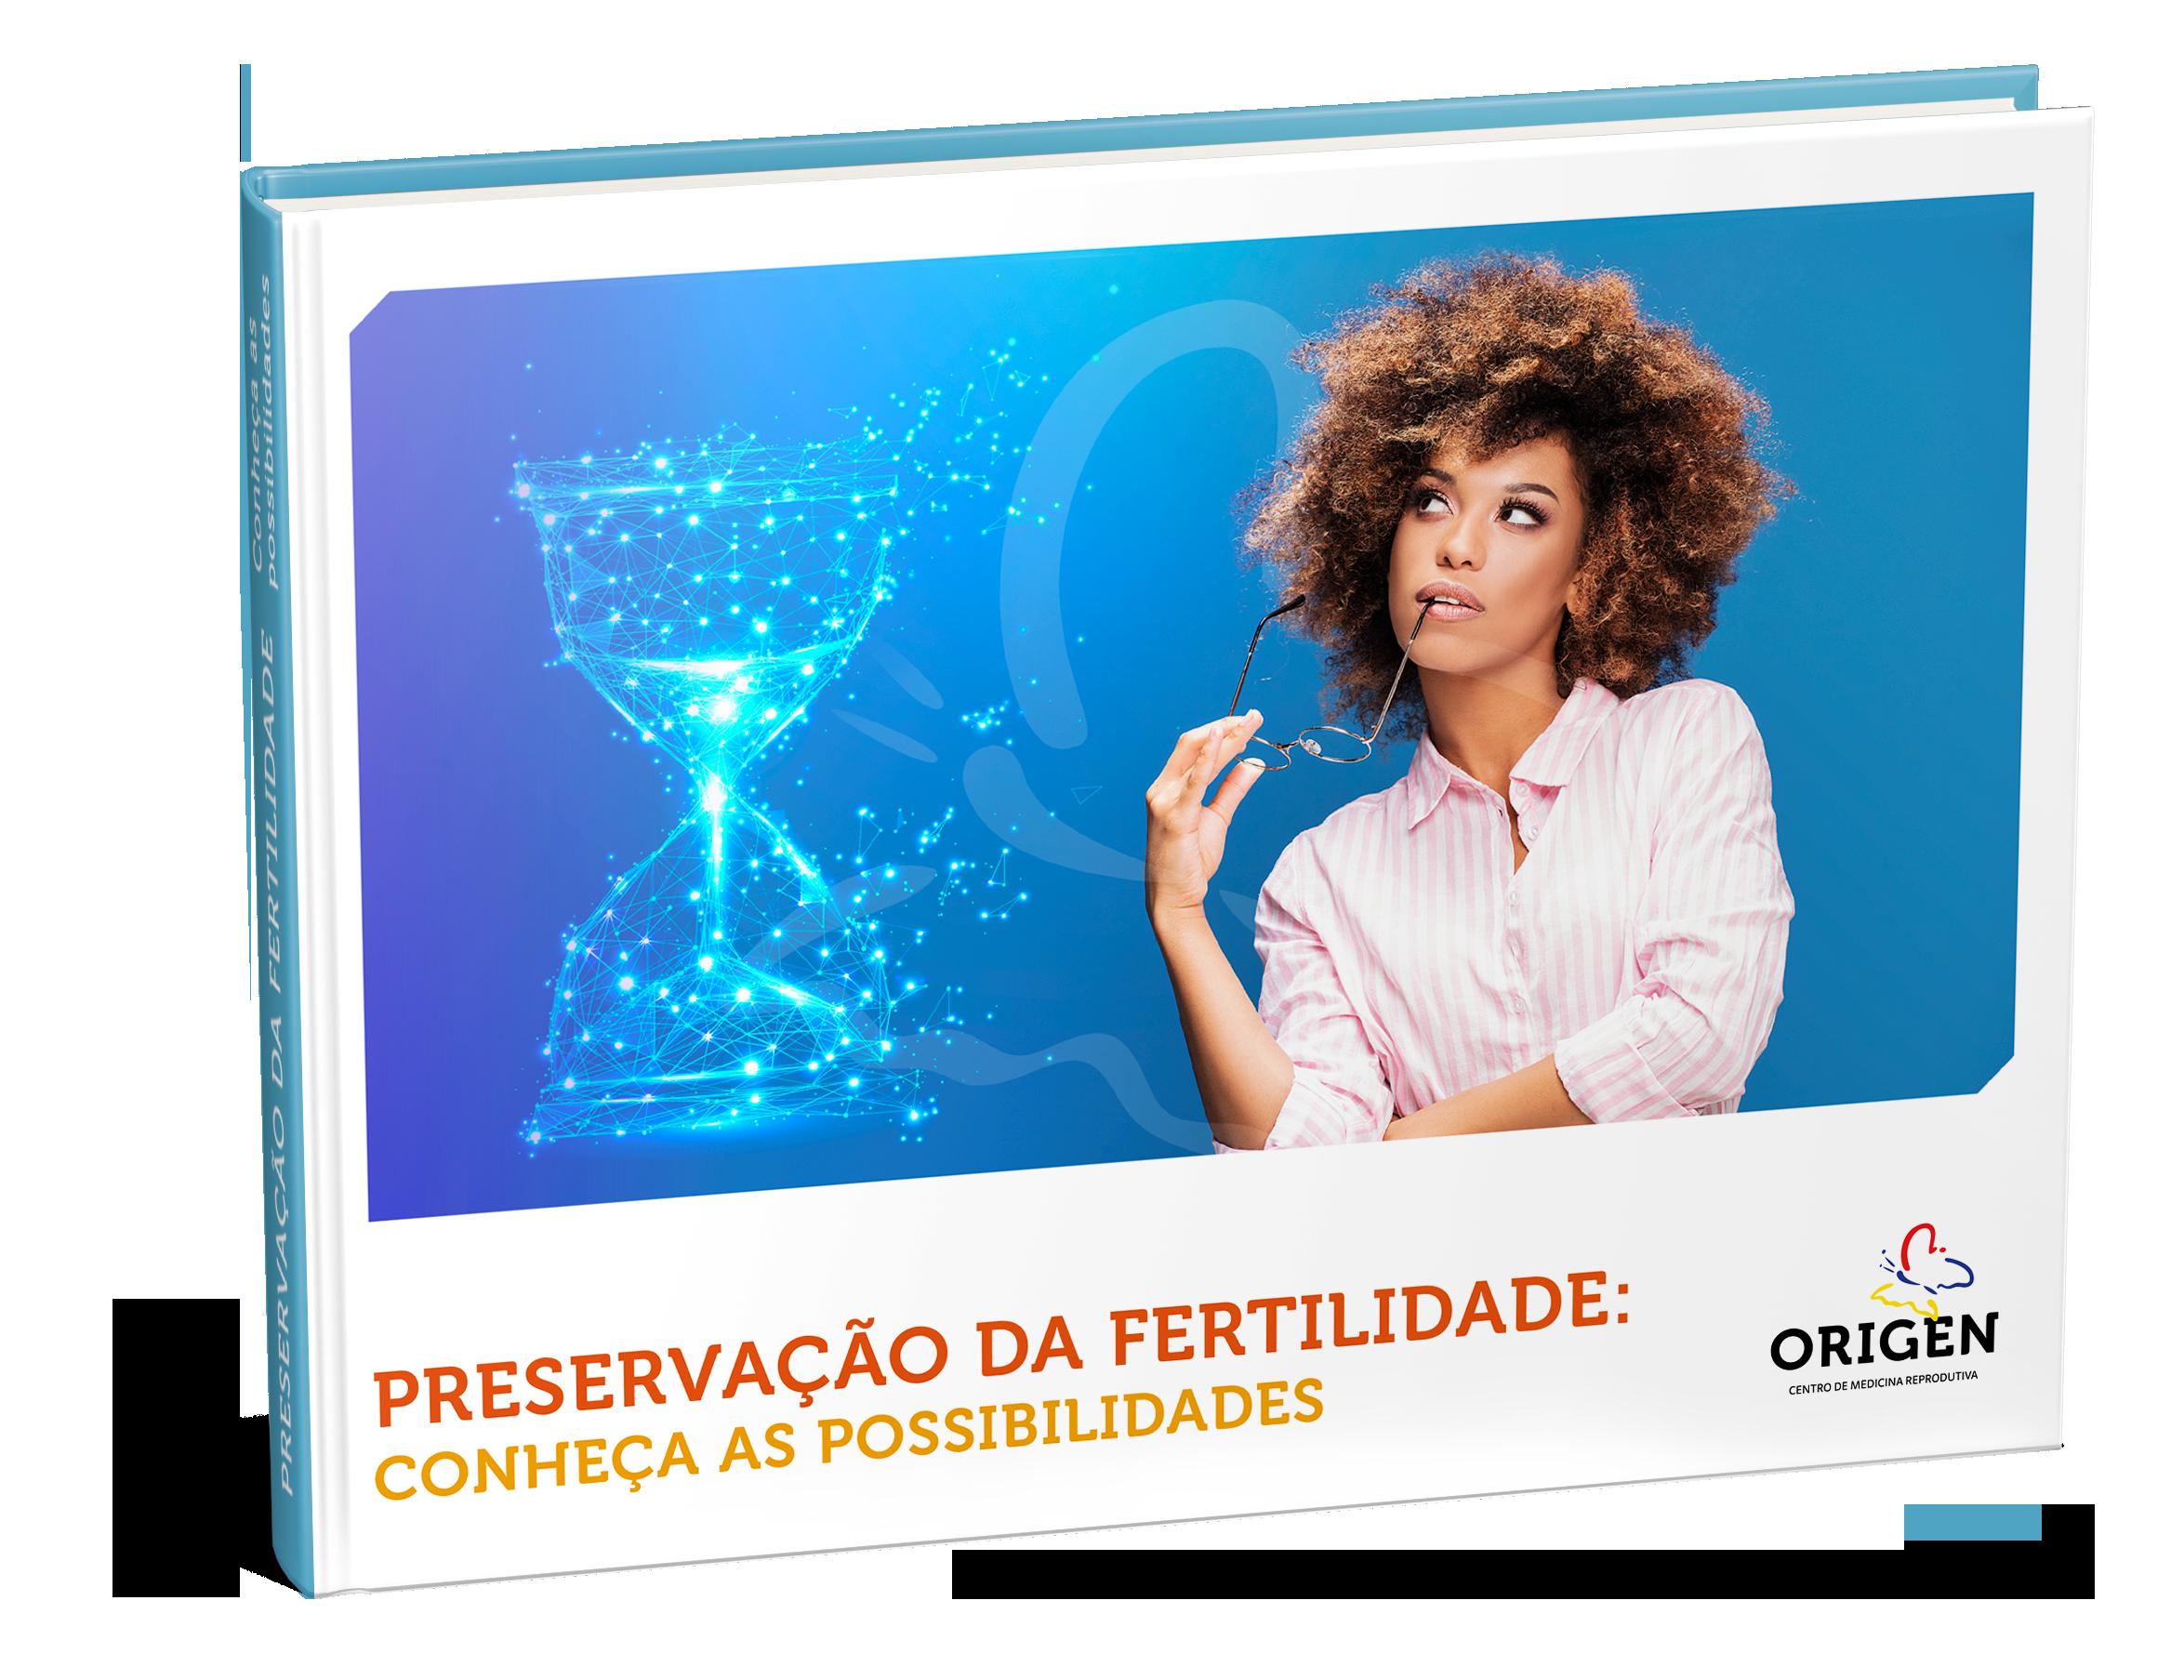 E-book | Preservação da fertilidade: conheça as possibilidades